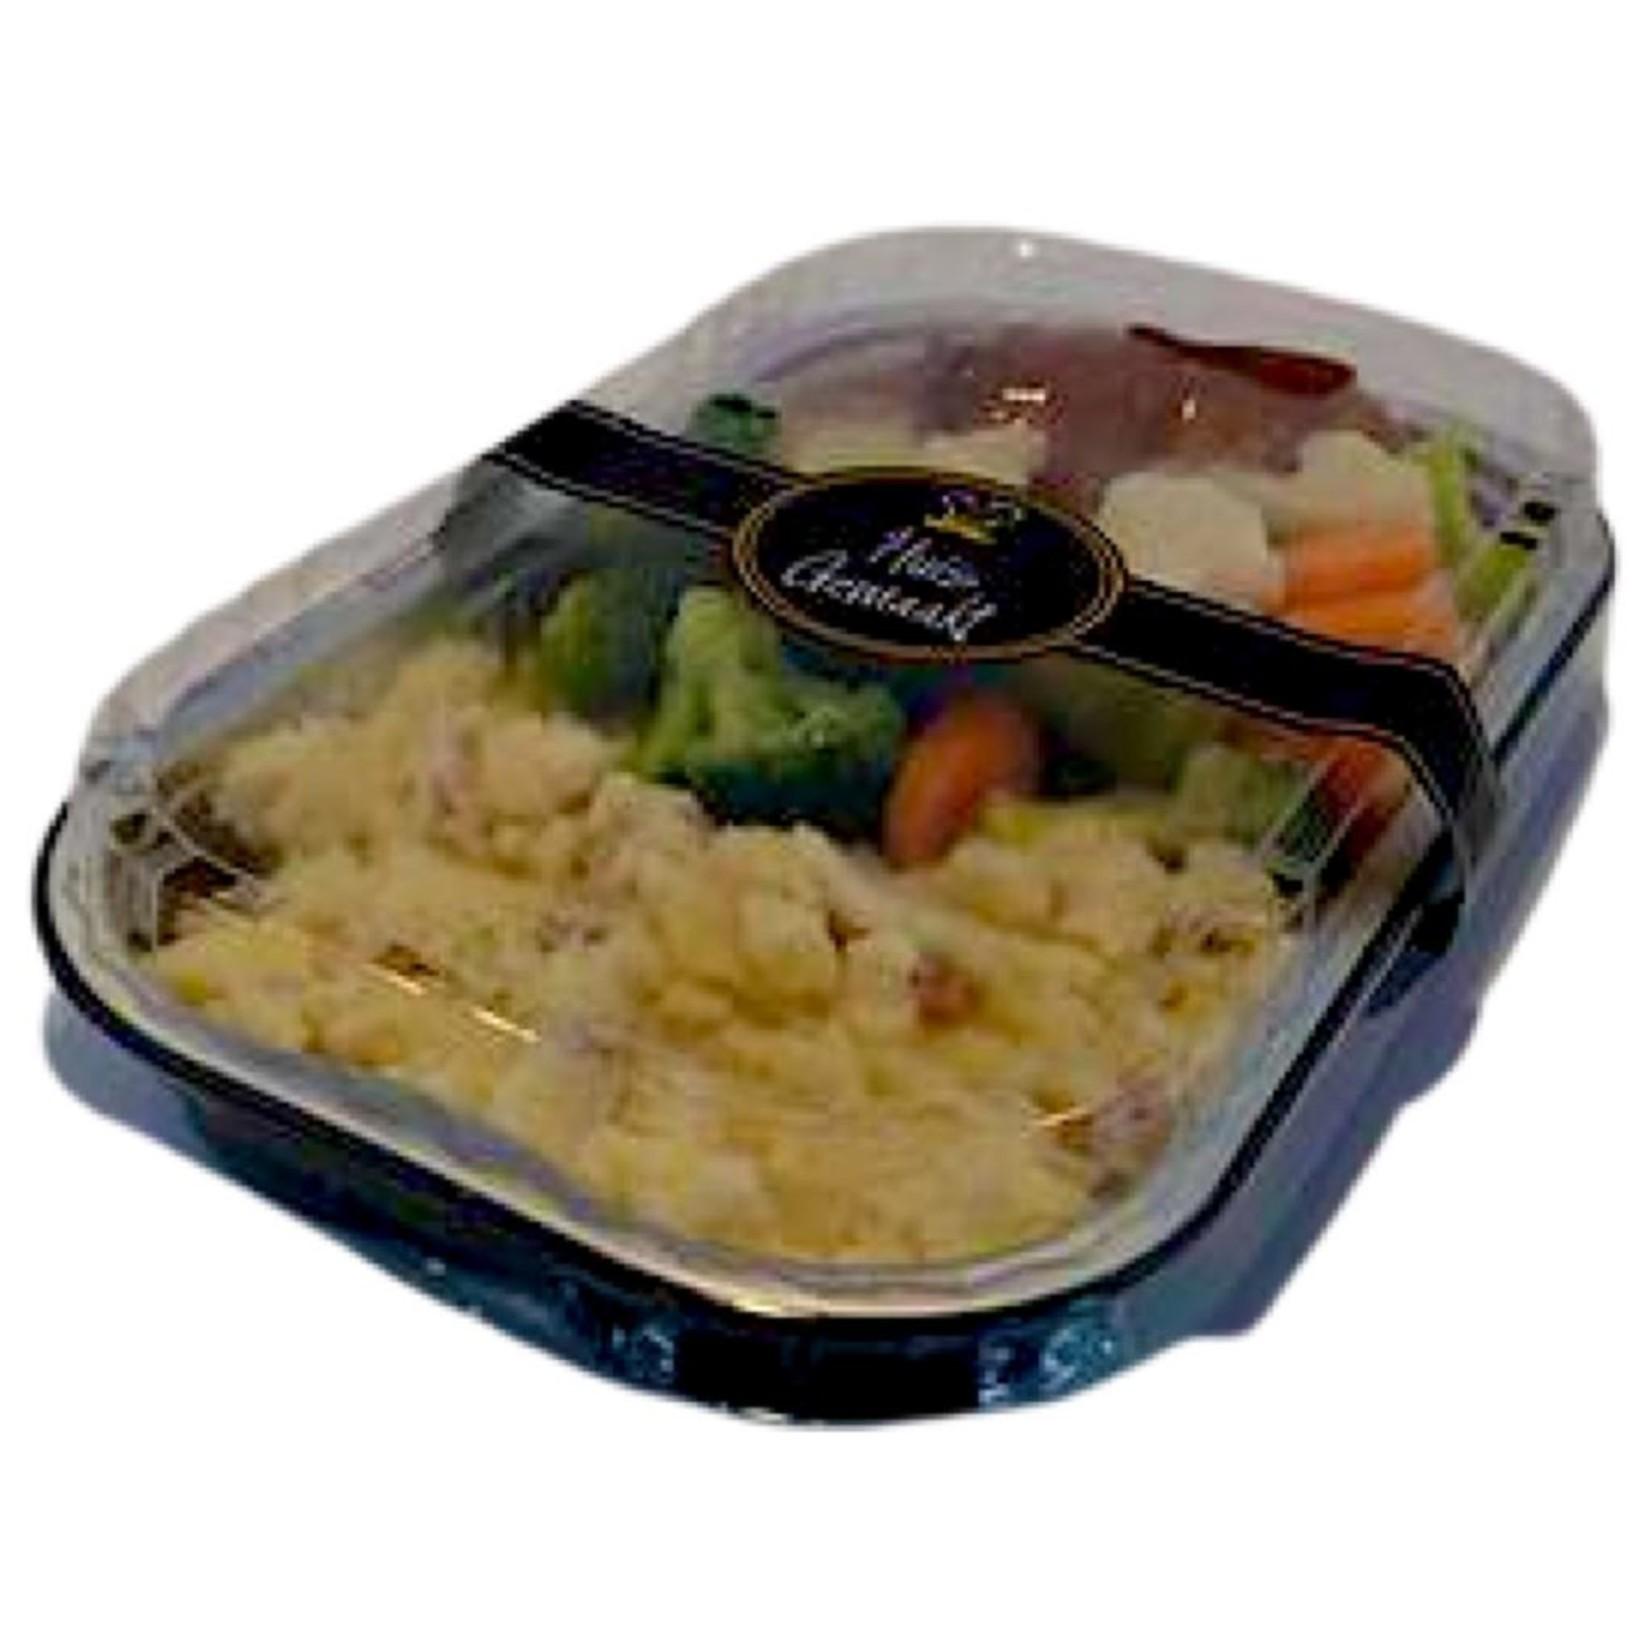 Slavink met gemixte groente en aardappelen | per maaltijd | (Slagerij Gerritschen)